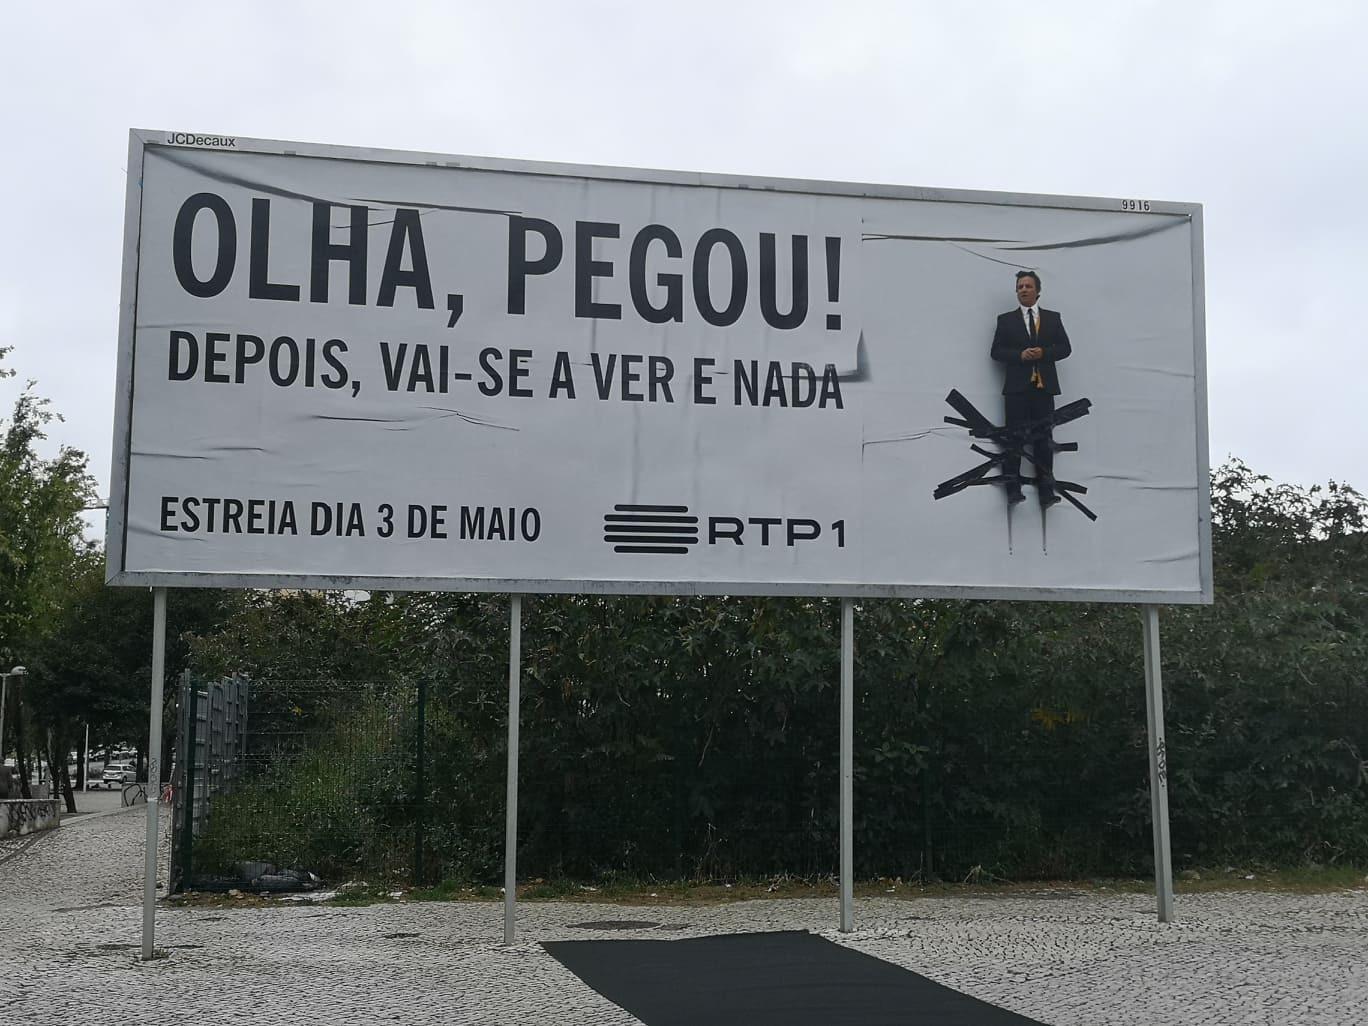 José Pedro Vasconcelos pendurado em pleno cartaz na rua (literalmente)